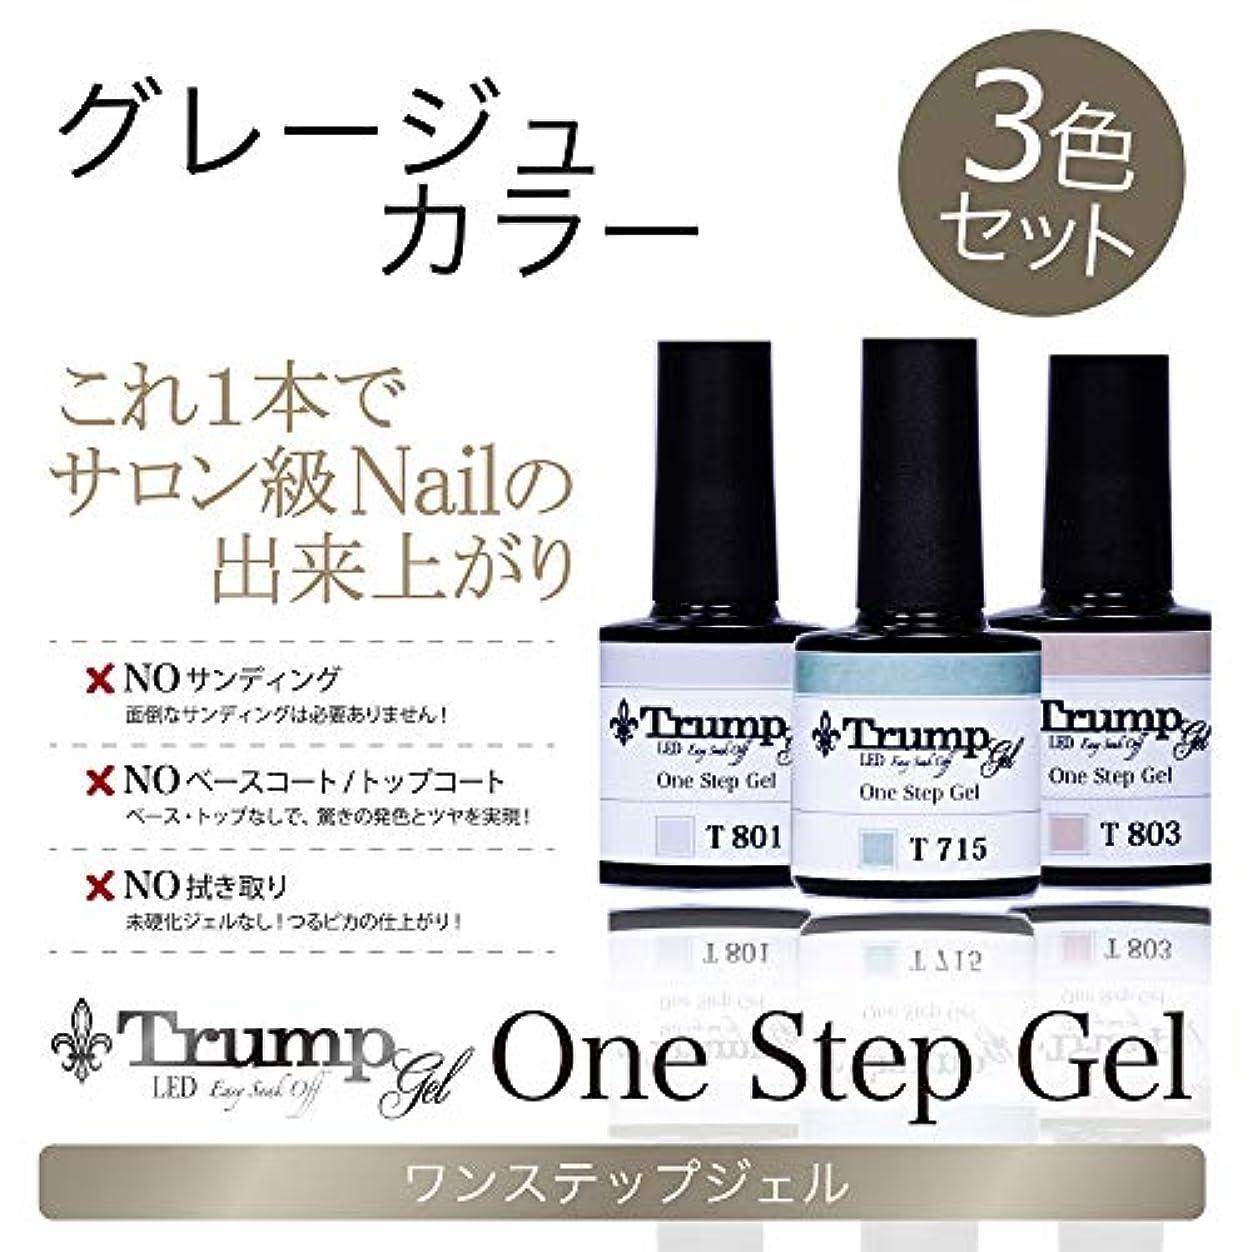 【日本製】Trump gel トランプジェル ワンステップジェル ジェルネイル カラージェル 3点 セット ニュアンス スモーキー グレージュ (グレージュカラーセット)